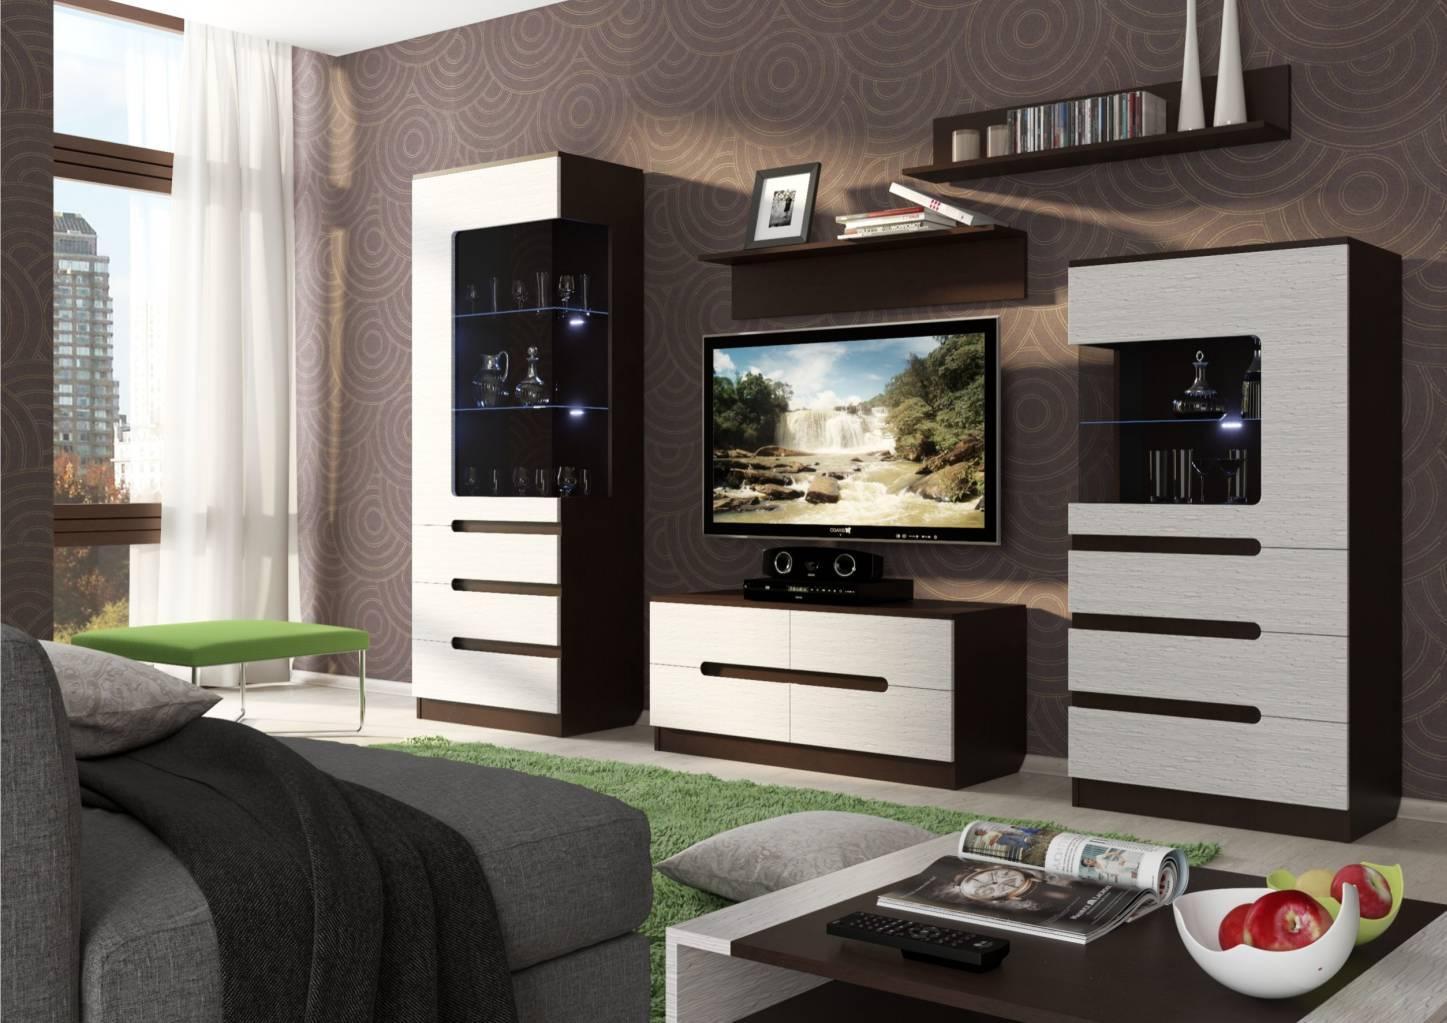 Стенка в гостиную (79 фото): выбираем красивые мебельные вар.